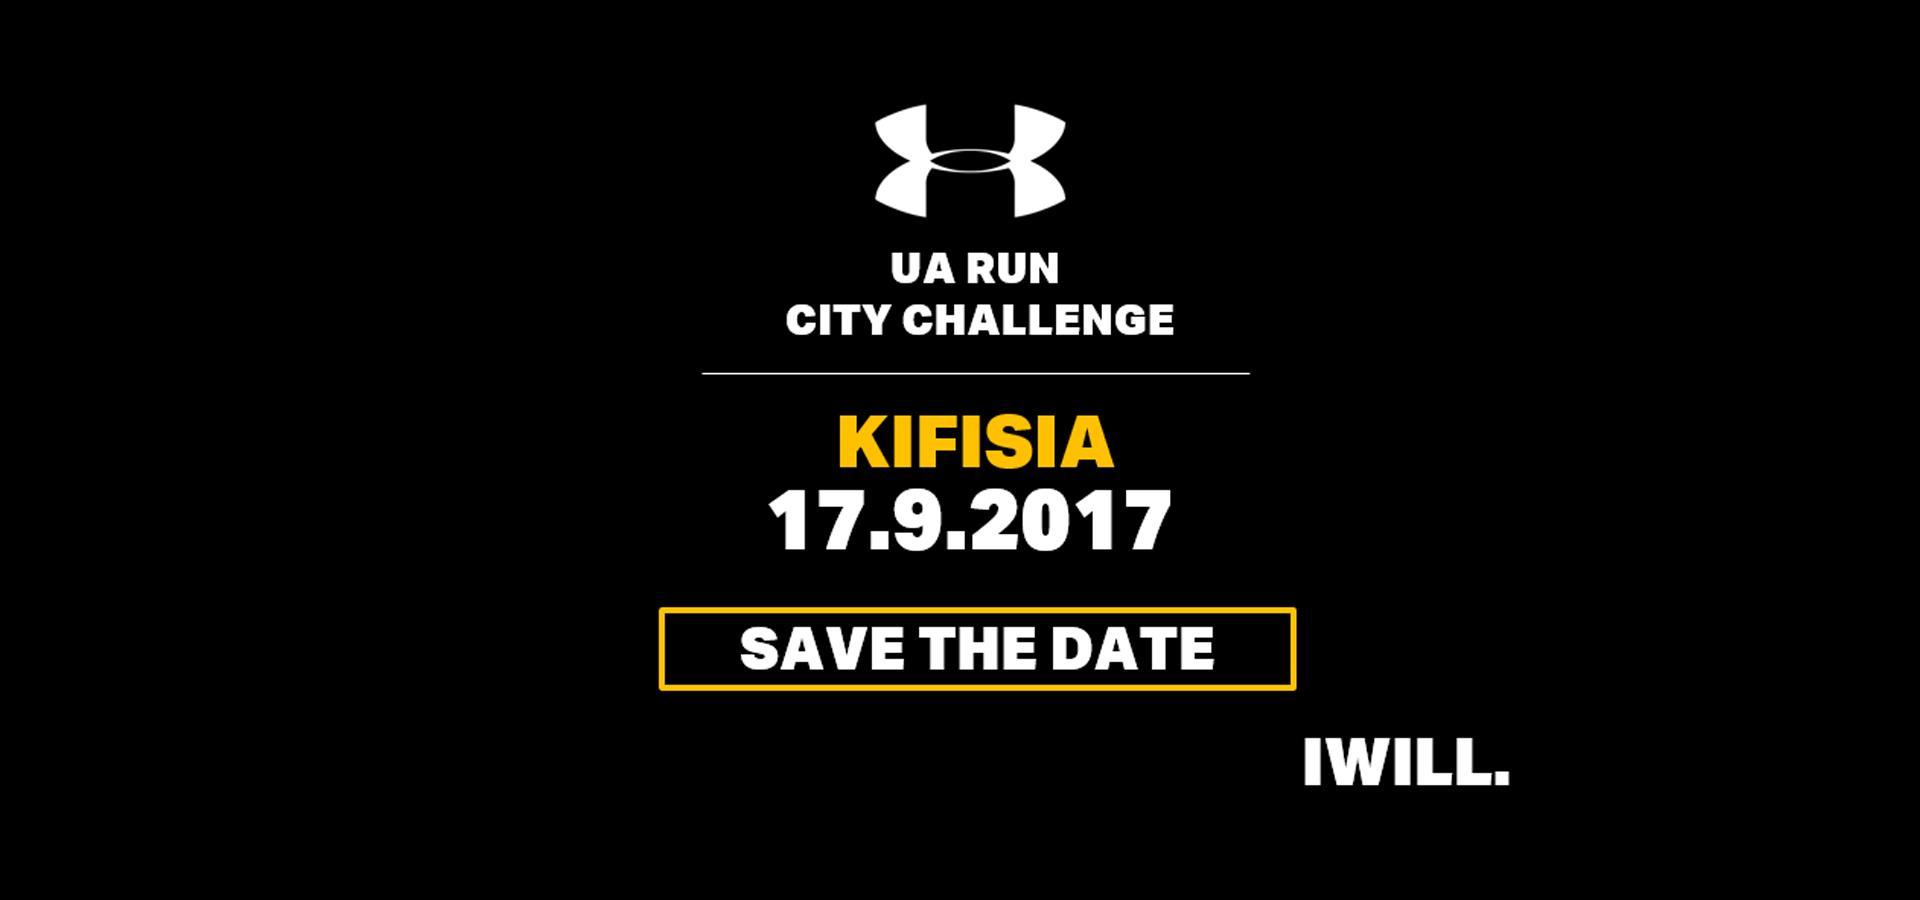 UA Run City Challenge Kifisia